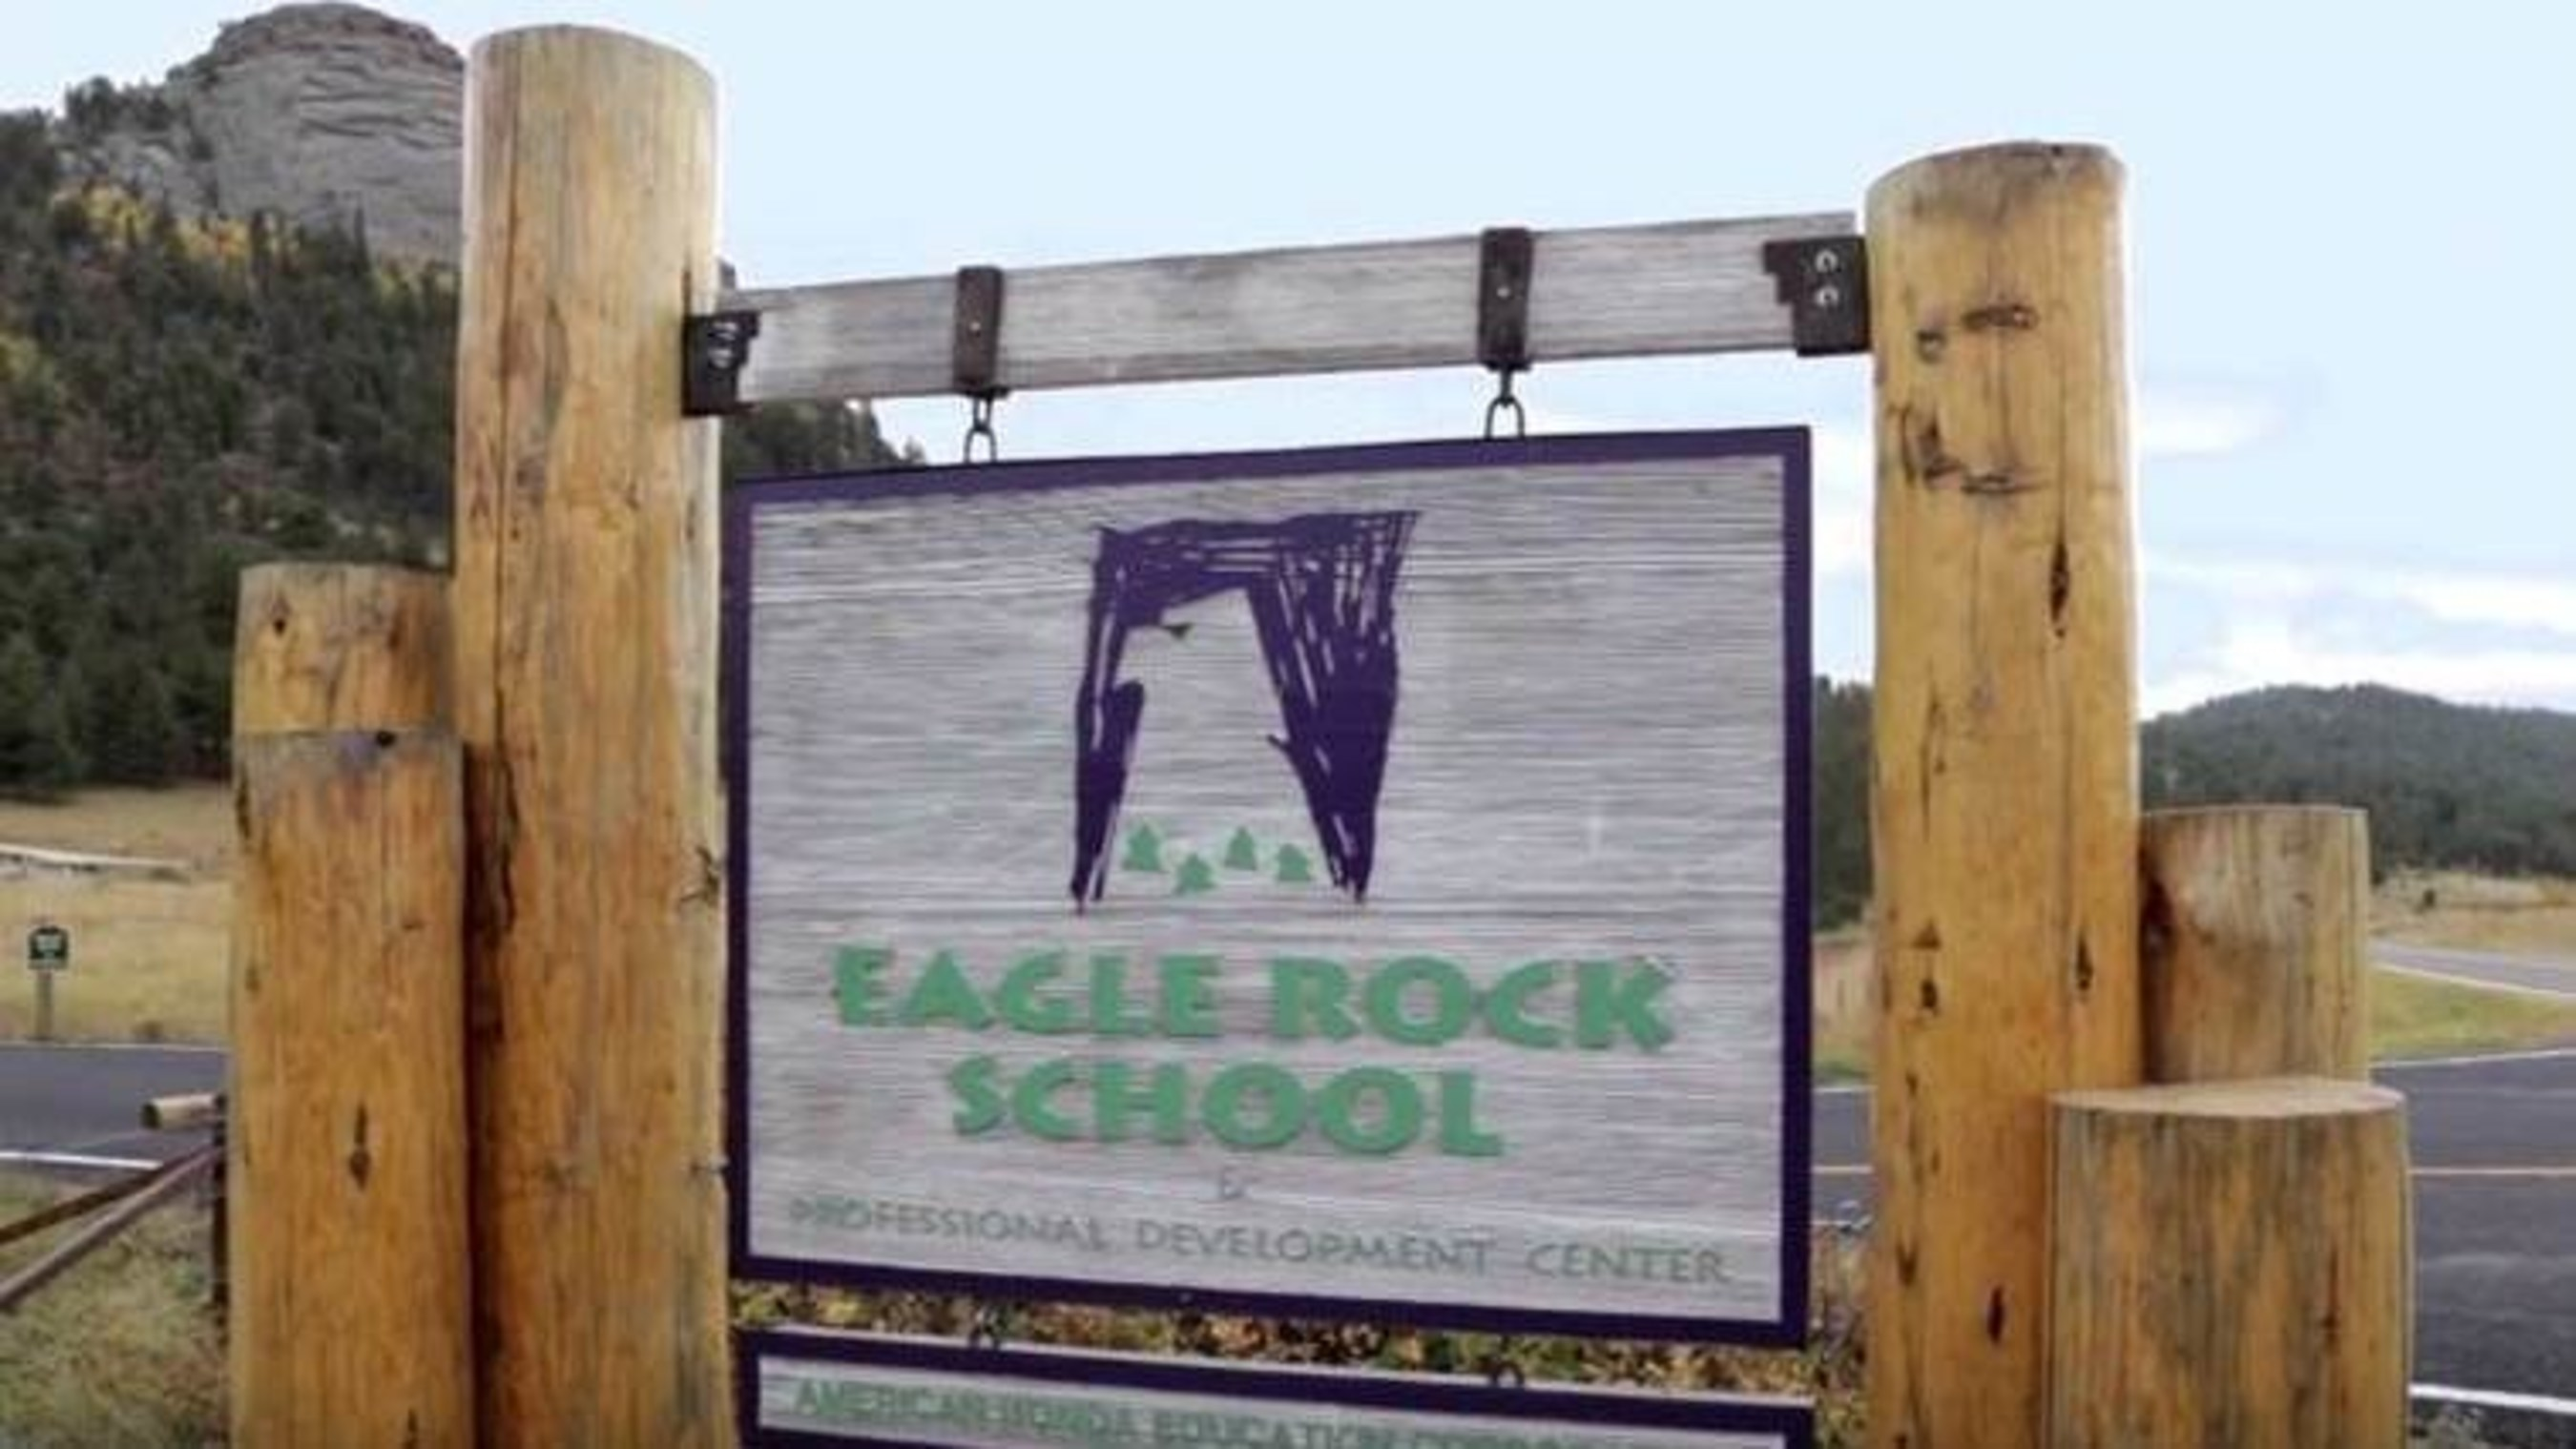 La Escuela y Centro de Desarrollo Profesional Eagle Rock lanza nuevos esfuerzos para el avance de